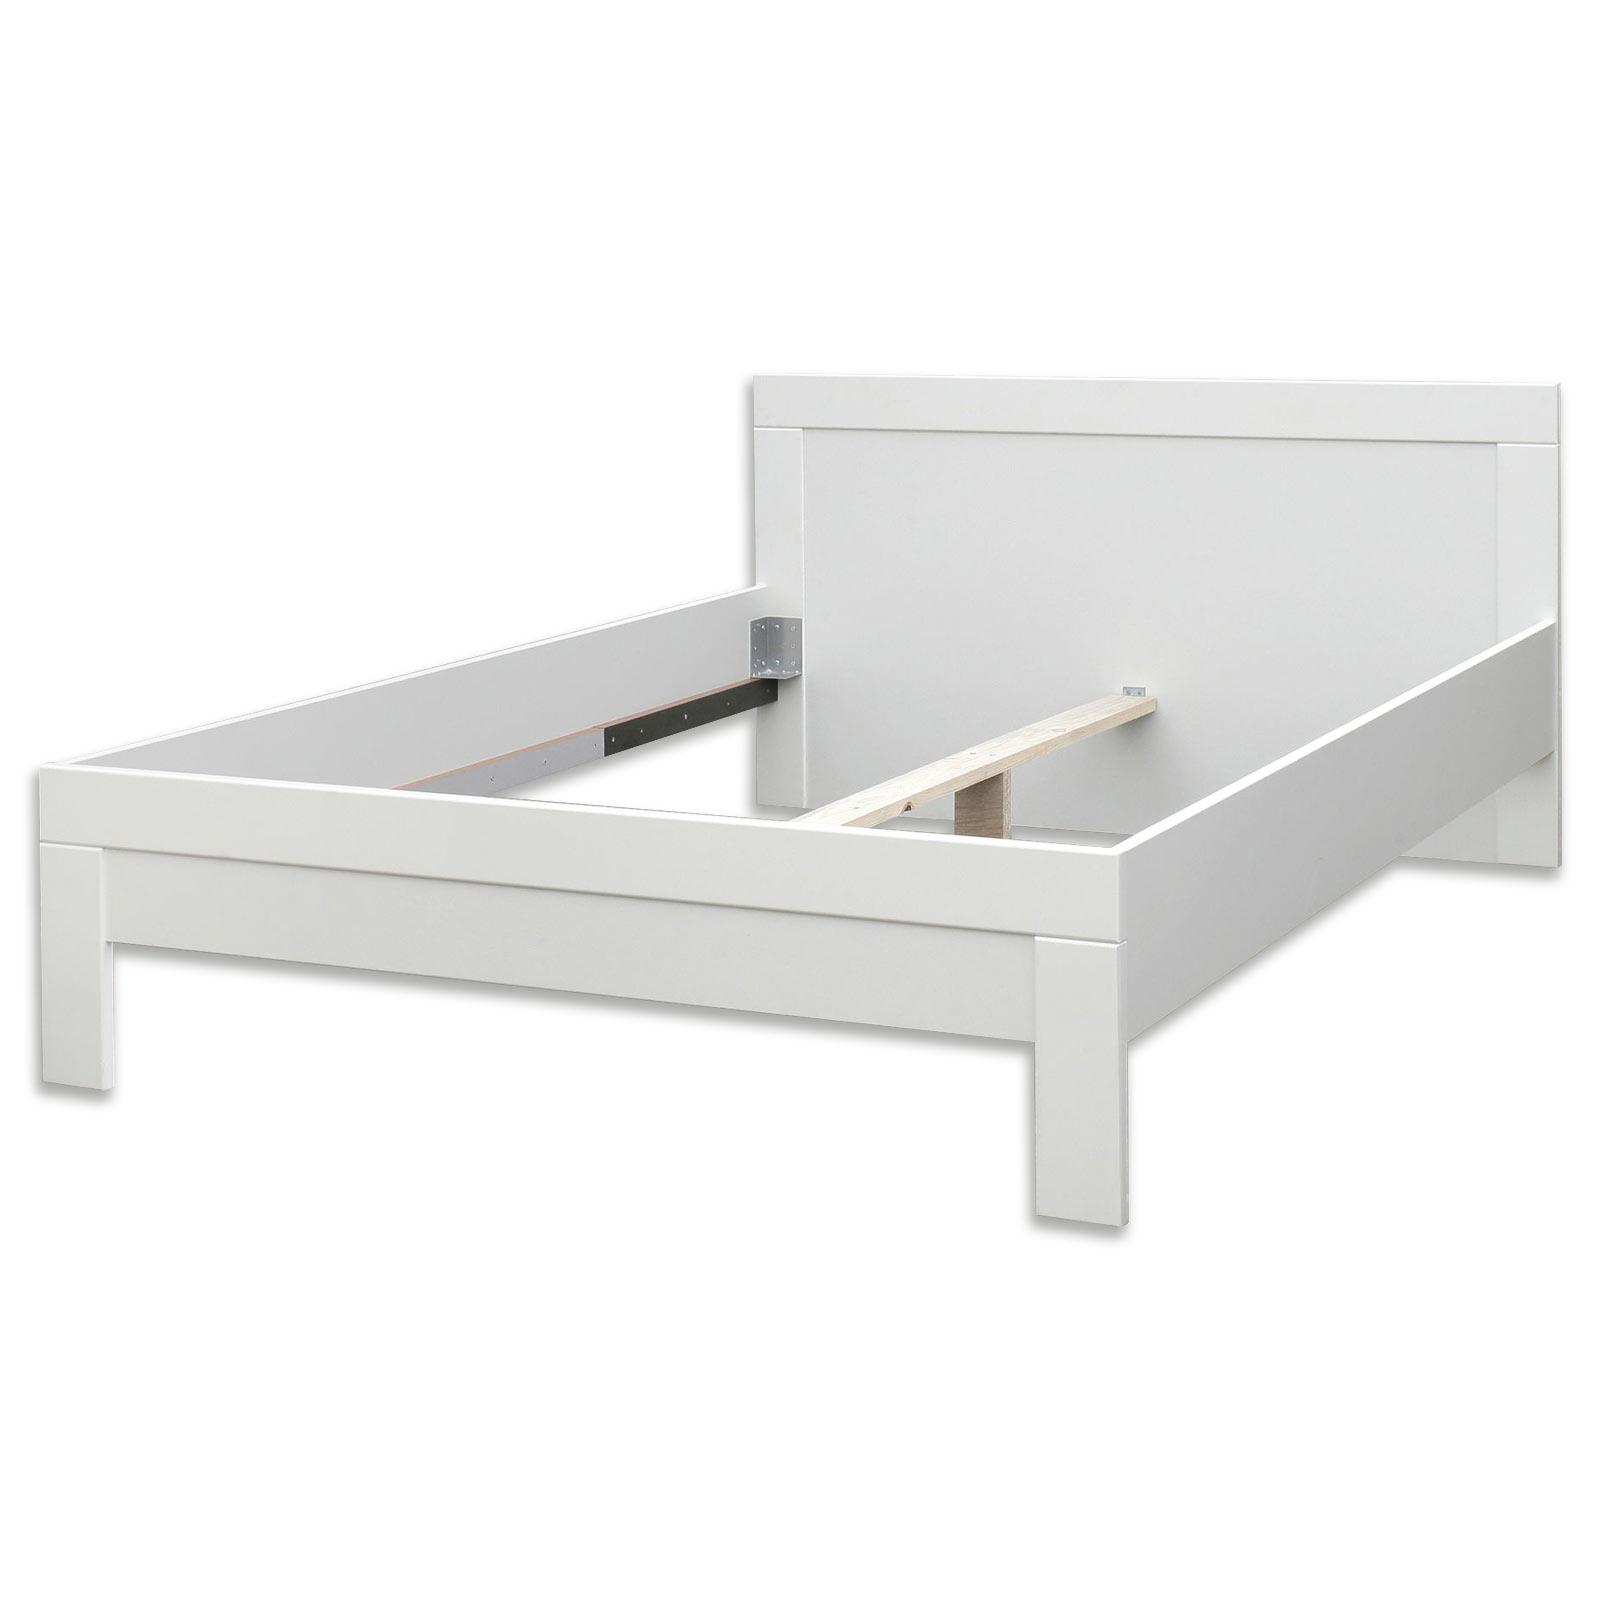 Bett 140x200 Weiss Holz